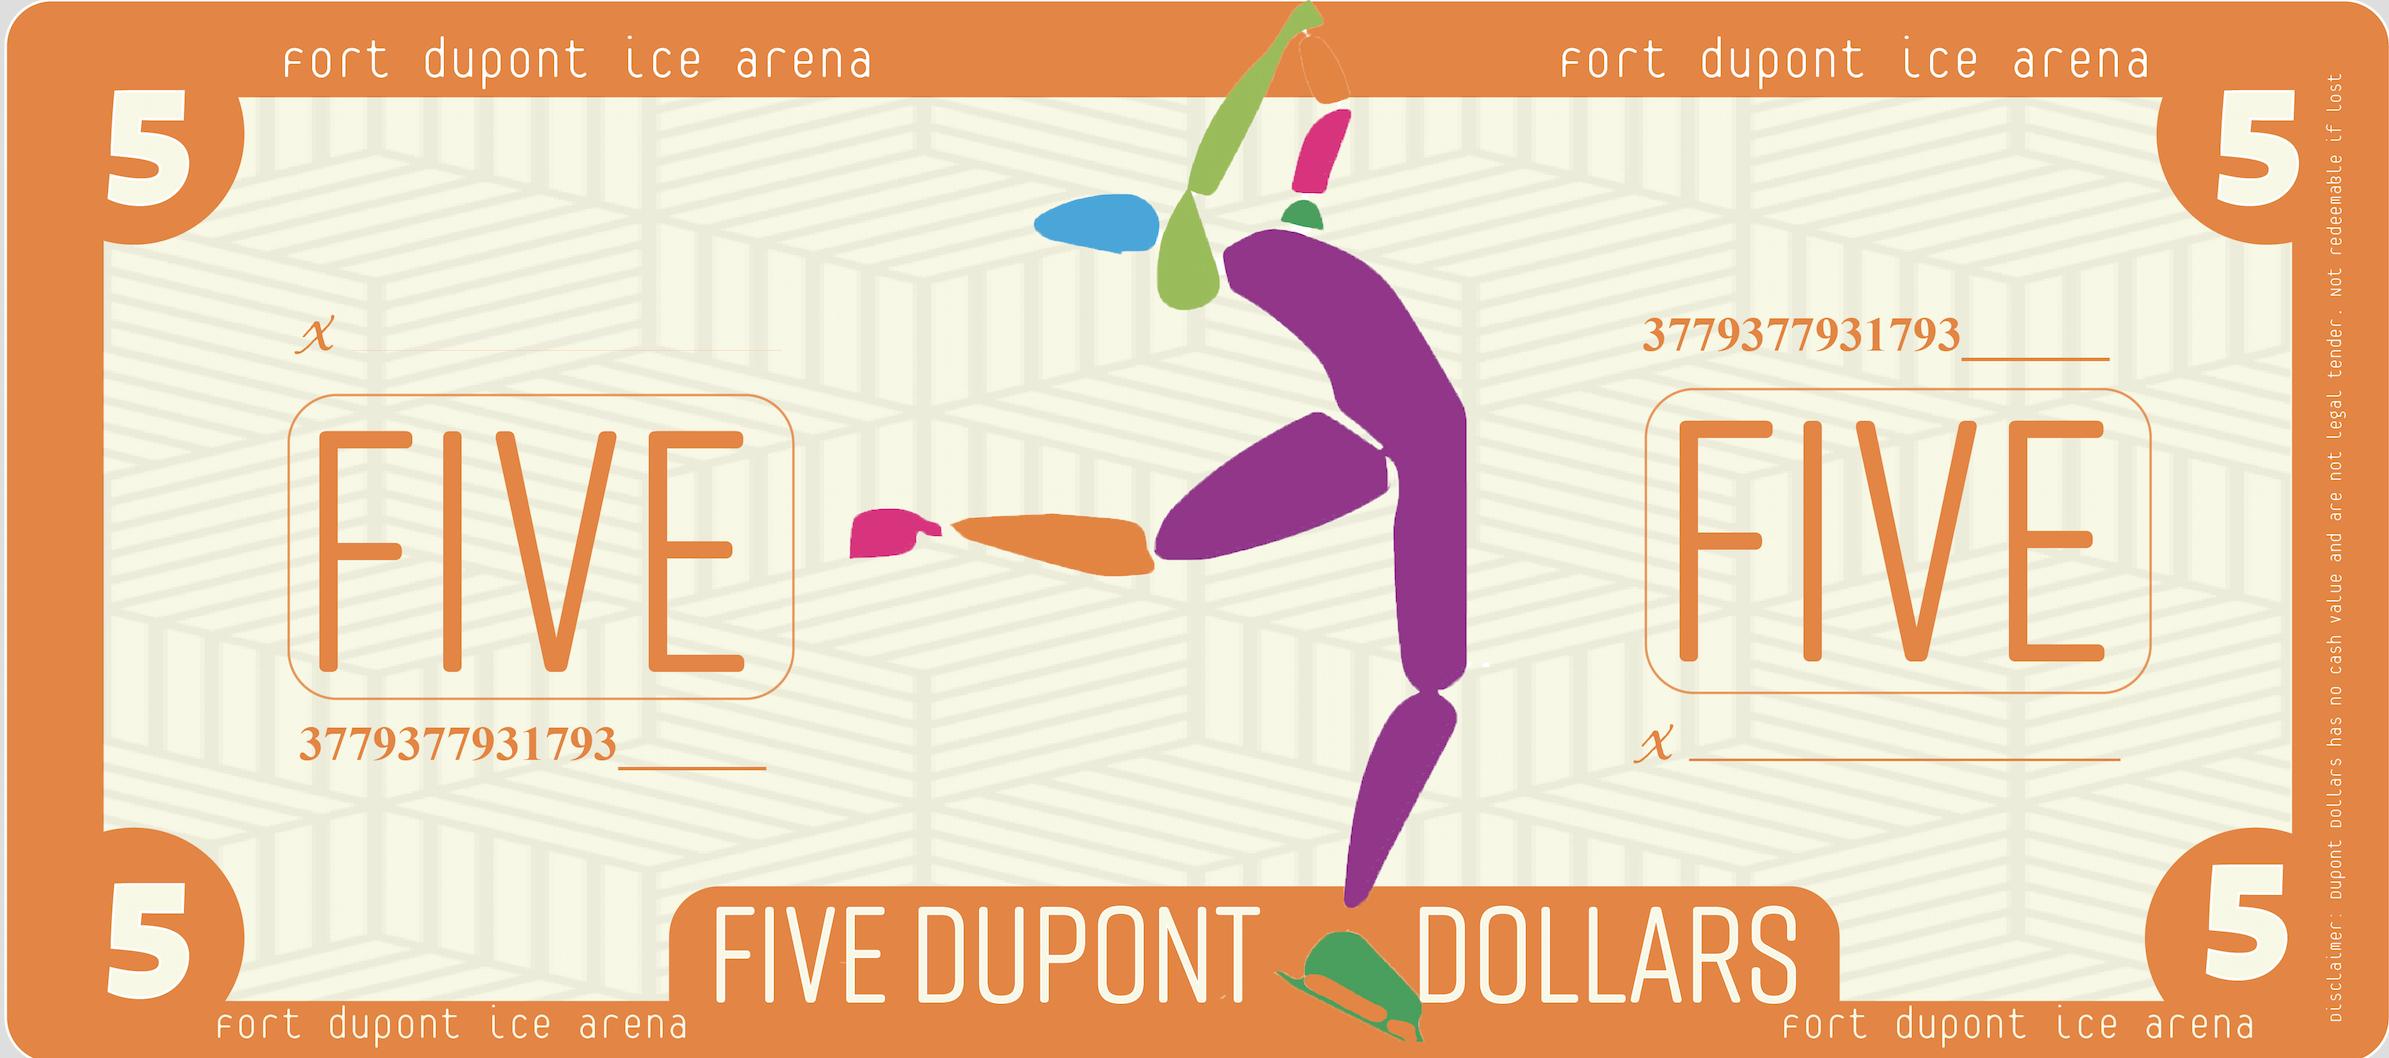 FDIA Dupont Dollars _ Five